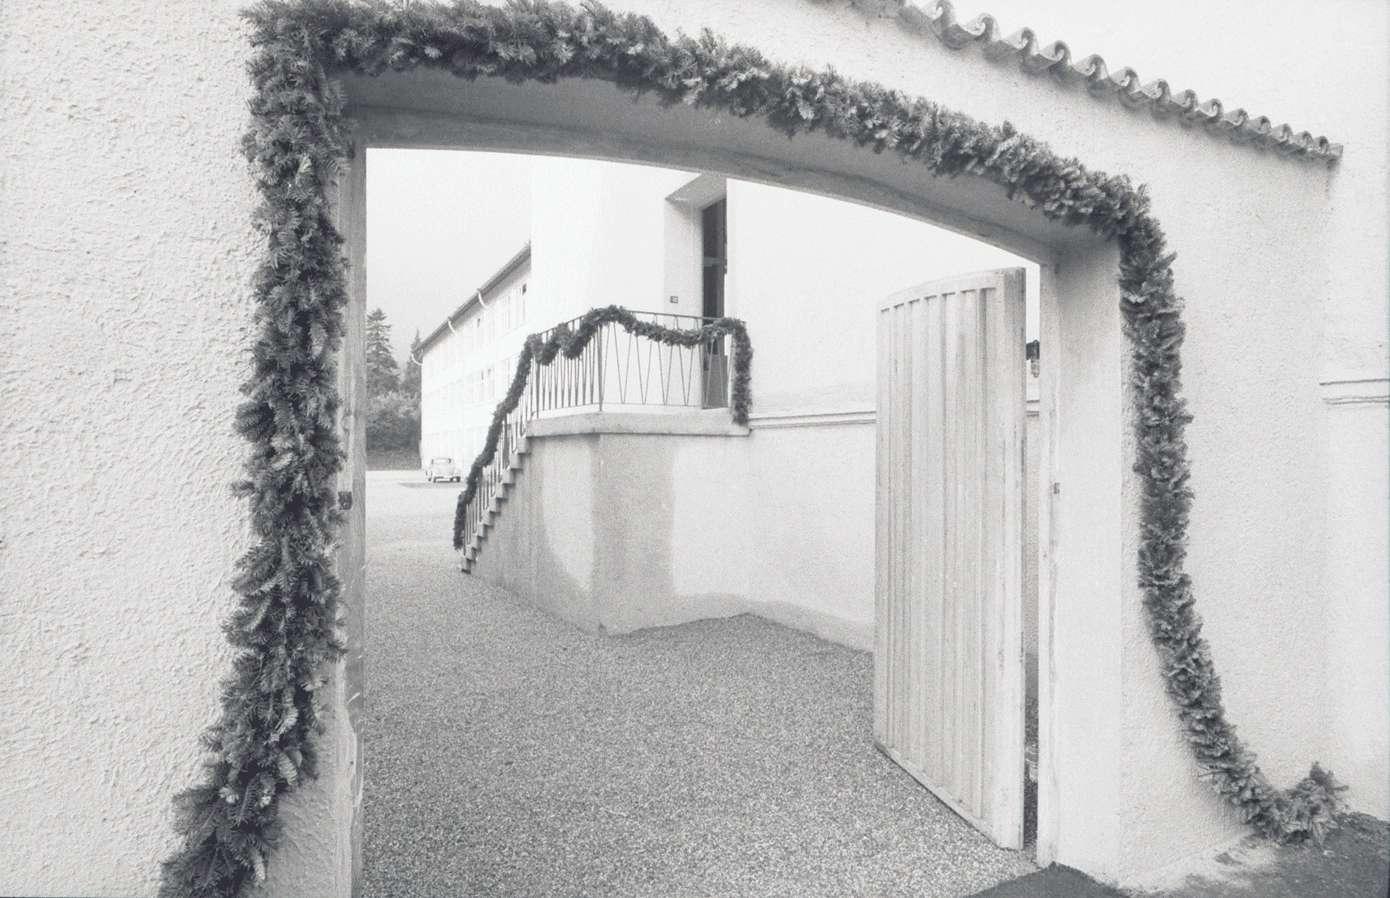 Gernsbach: 1. Papiermacherschule in der Gewerbeschule; Blick durch Tor in den Hof, Bild 1